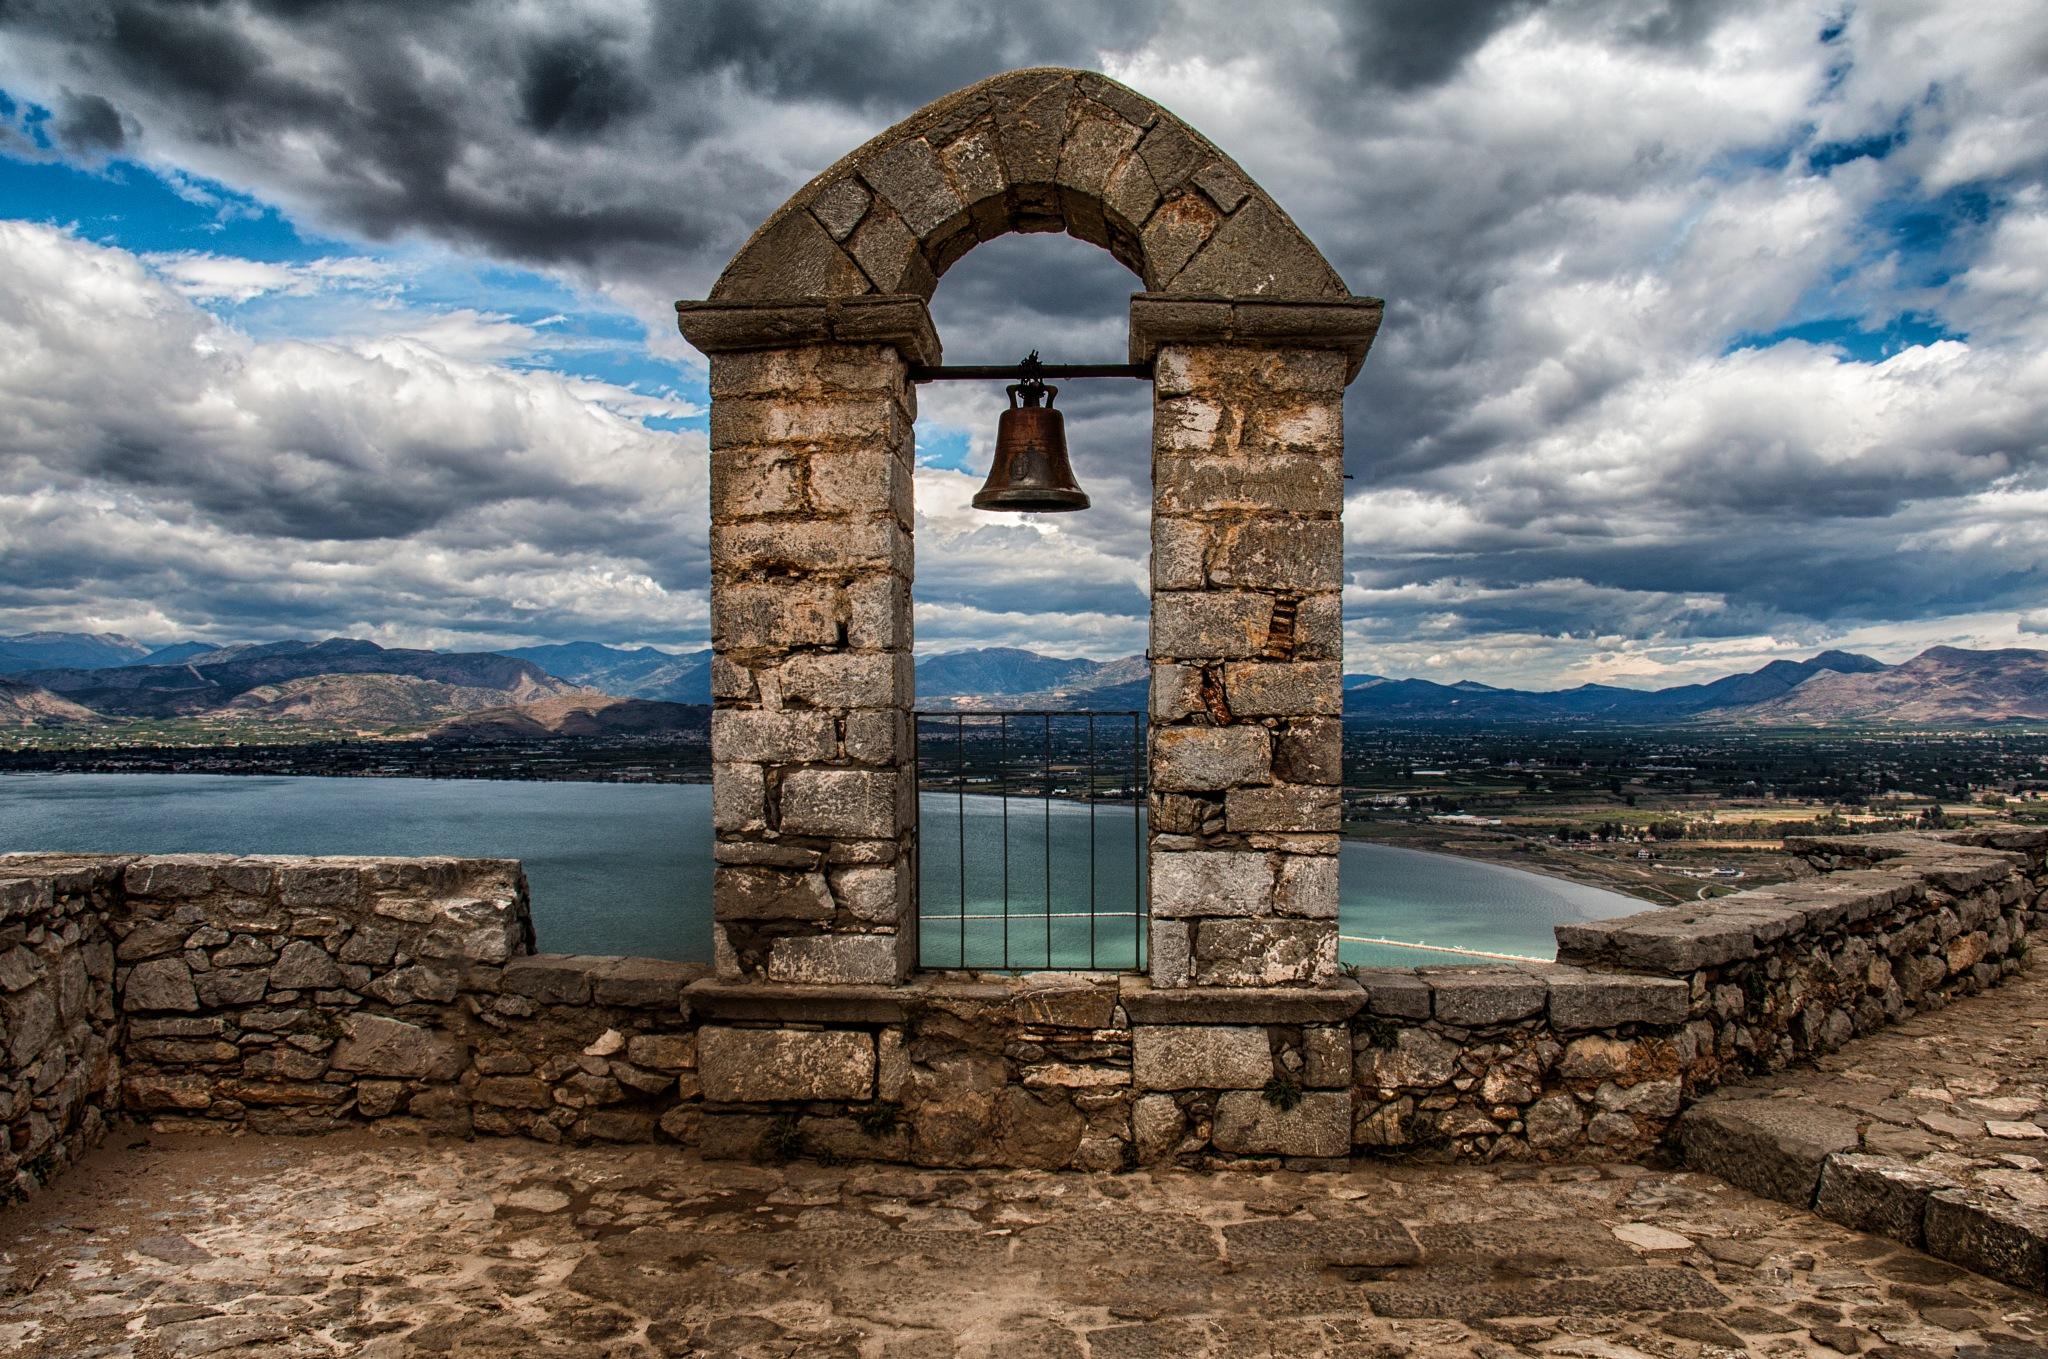 The bell by Koula Komodromou Hadjichrysanthou